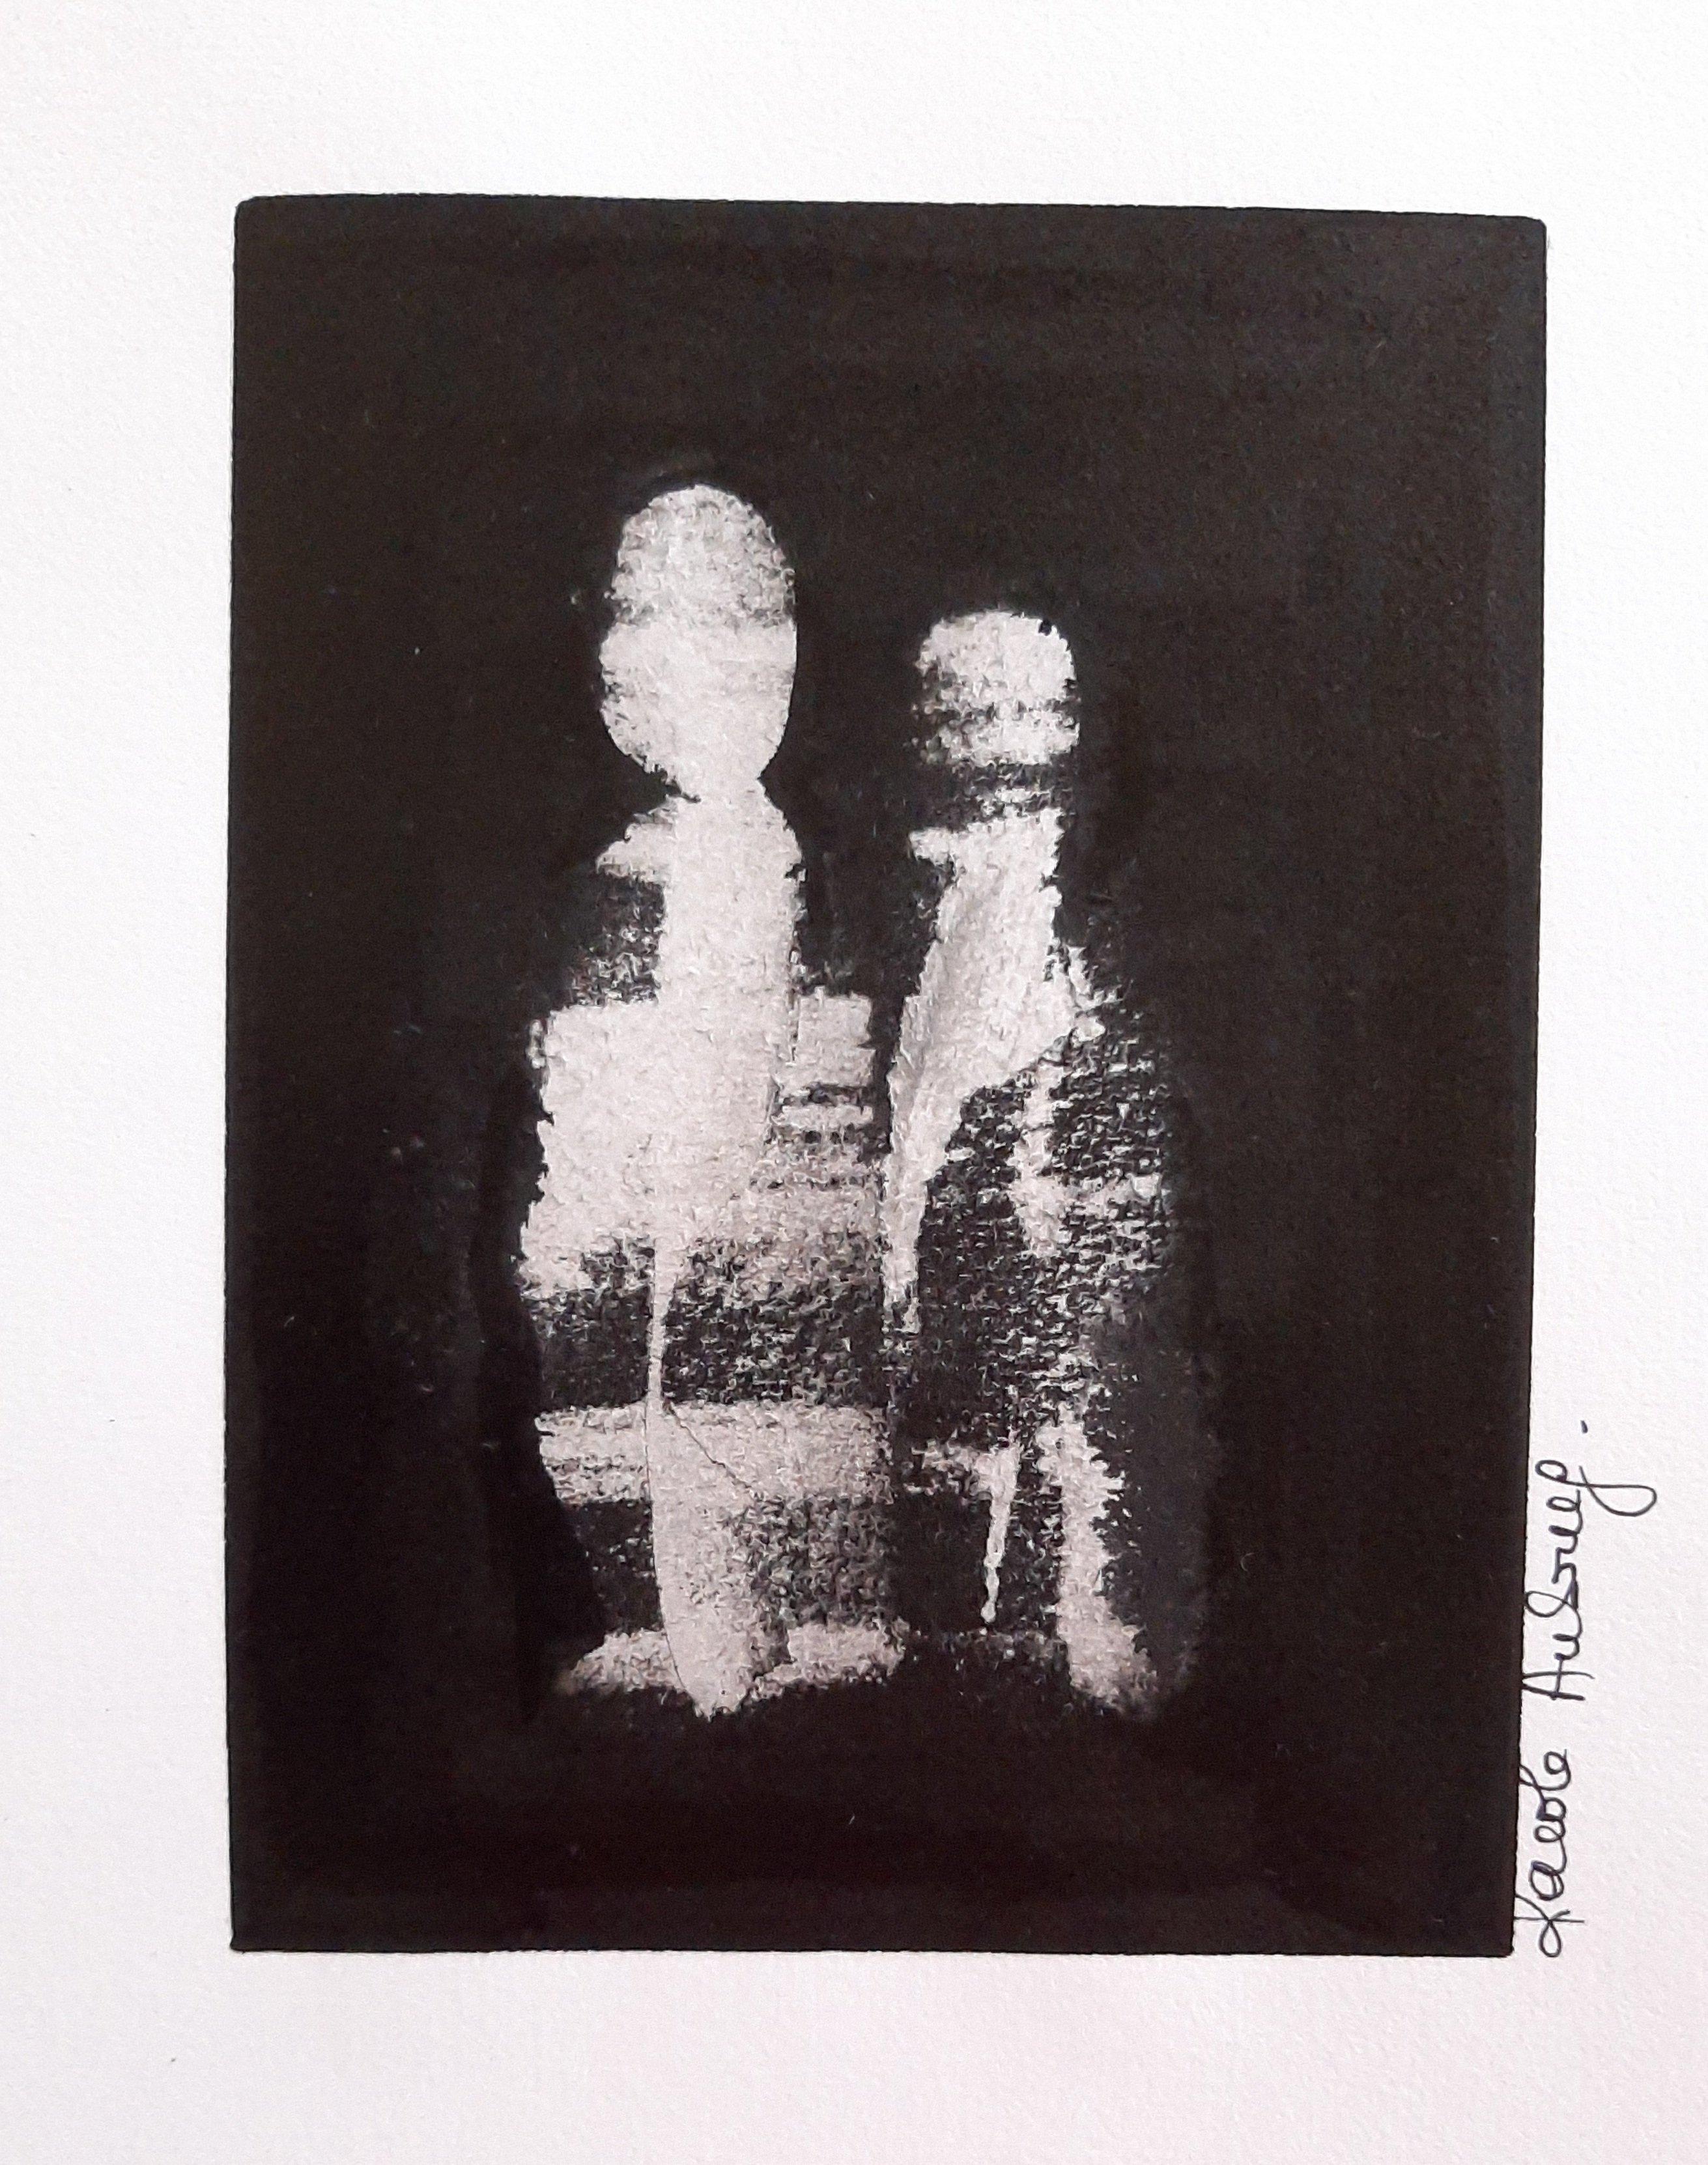 Encre de Chine numero 10 Karole Aubourg Dim 30 x 21 cm